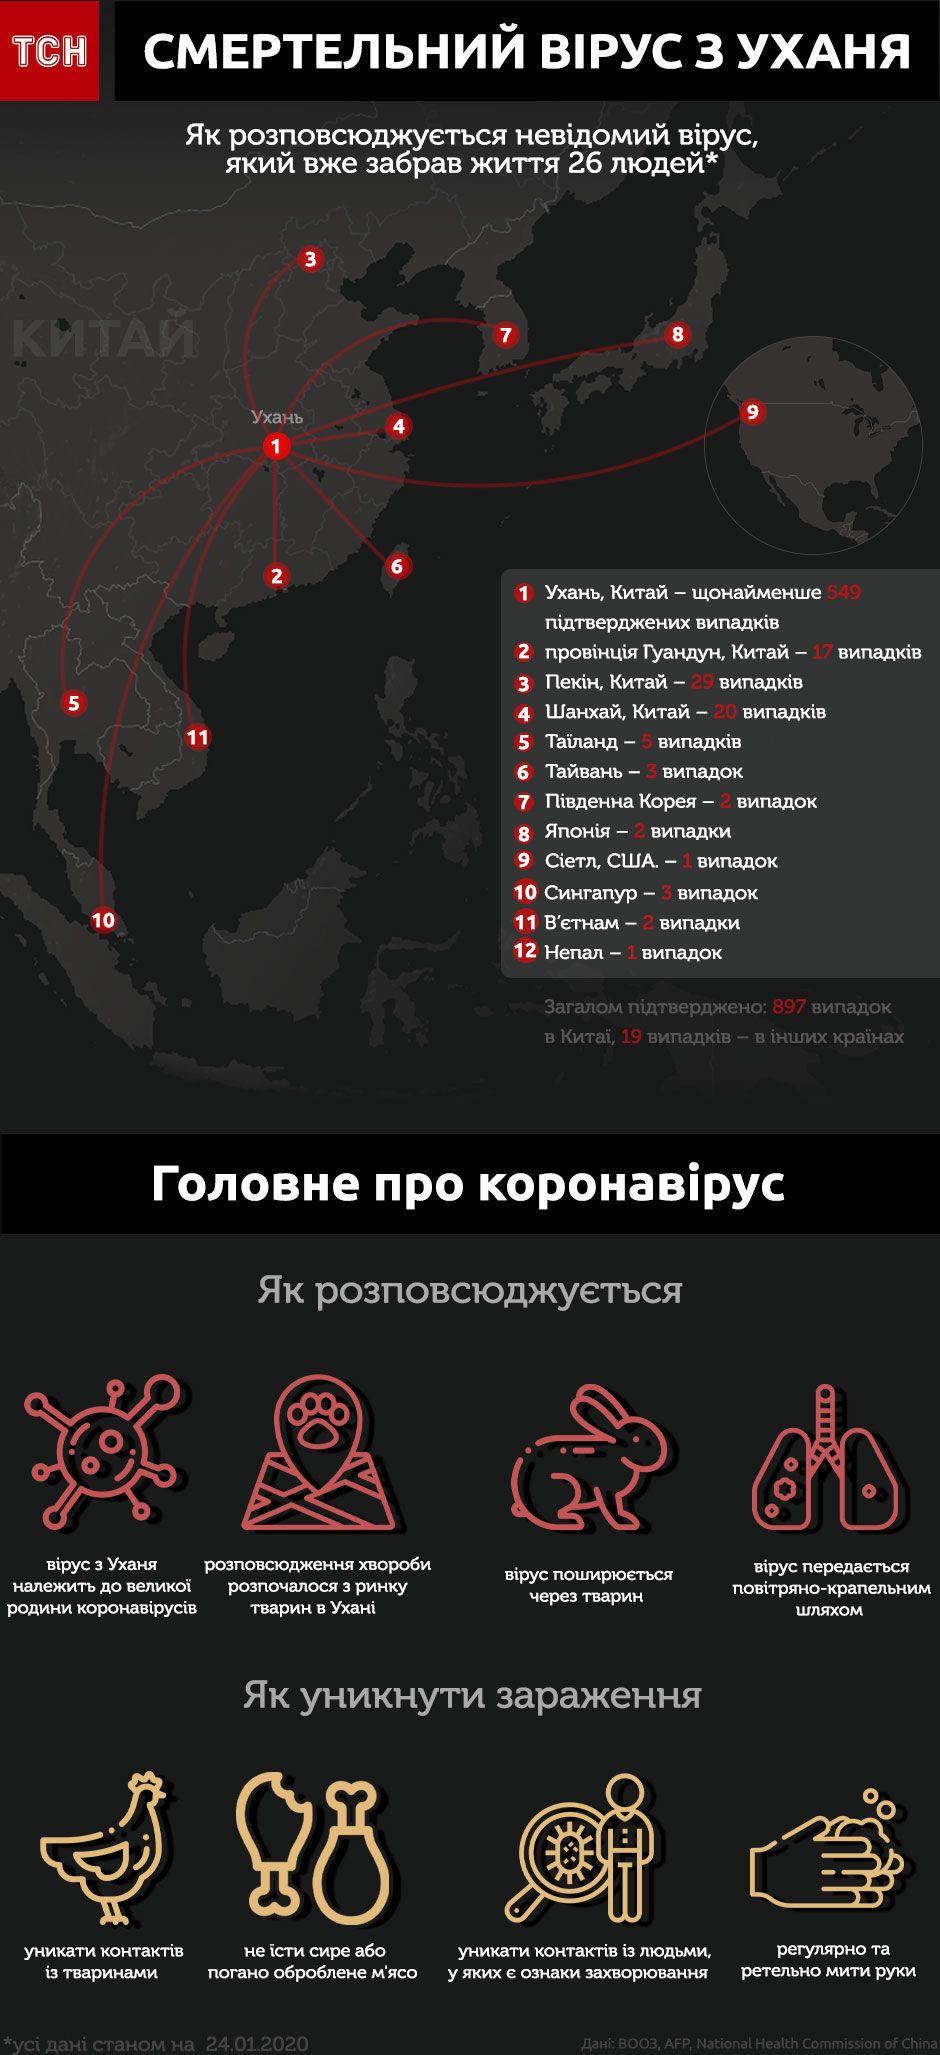 коронавірус з китаю інфографіка чорна 24 січня